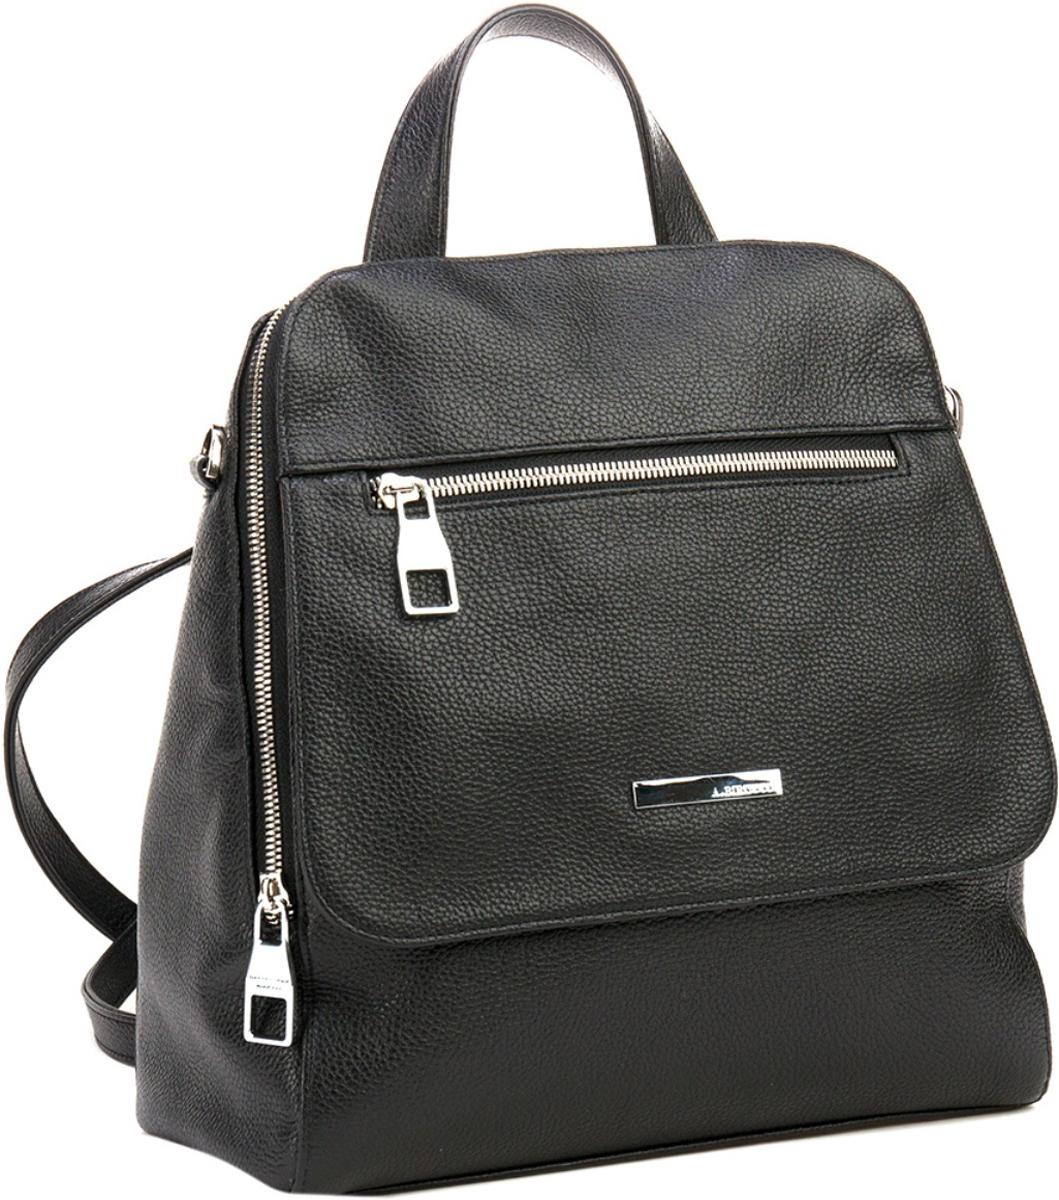 Сумка-рюкзак женская Alessandro Birutti, цвет: черный. 40484048Элегантная сумка- рюкзак Alessandro Birutti из натуральной кожи. Модель имеет одно отделение. На передней стенке- карман для мобильного телефона. На задней стенке- карман на молнии. Внутри: на передней стенке- карман в виде клапана на молнии, под которым есть еще один карман на молнии. Сумка-рюкзак закрывается на молнию. Благодаря перестегивающемуся ремню, изделие можно носить на одном плече как сумку, или за спиной как рюкзак.Сумка-рюкзак Alessandro Birutti замечательно дополнит ваш стиль и преподнесет вас в выгодной позиции и в офисе и в кино. Эта вещь станет замечательным подарком себе или родным. Размер: 31 х 27 х 12 см.